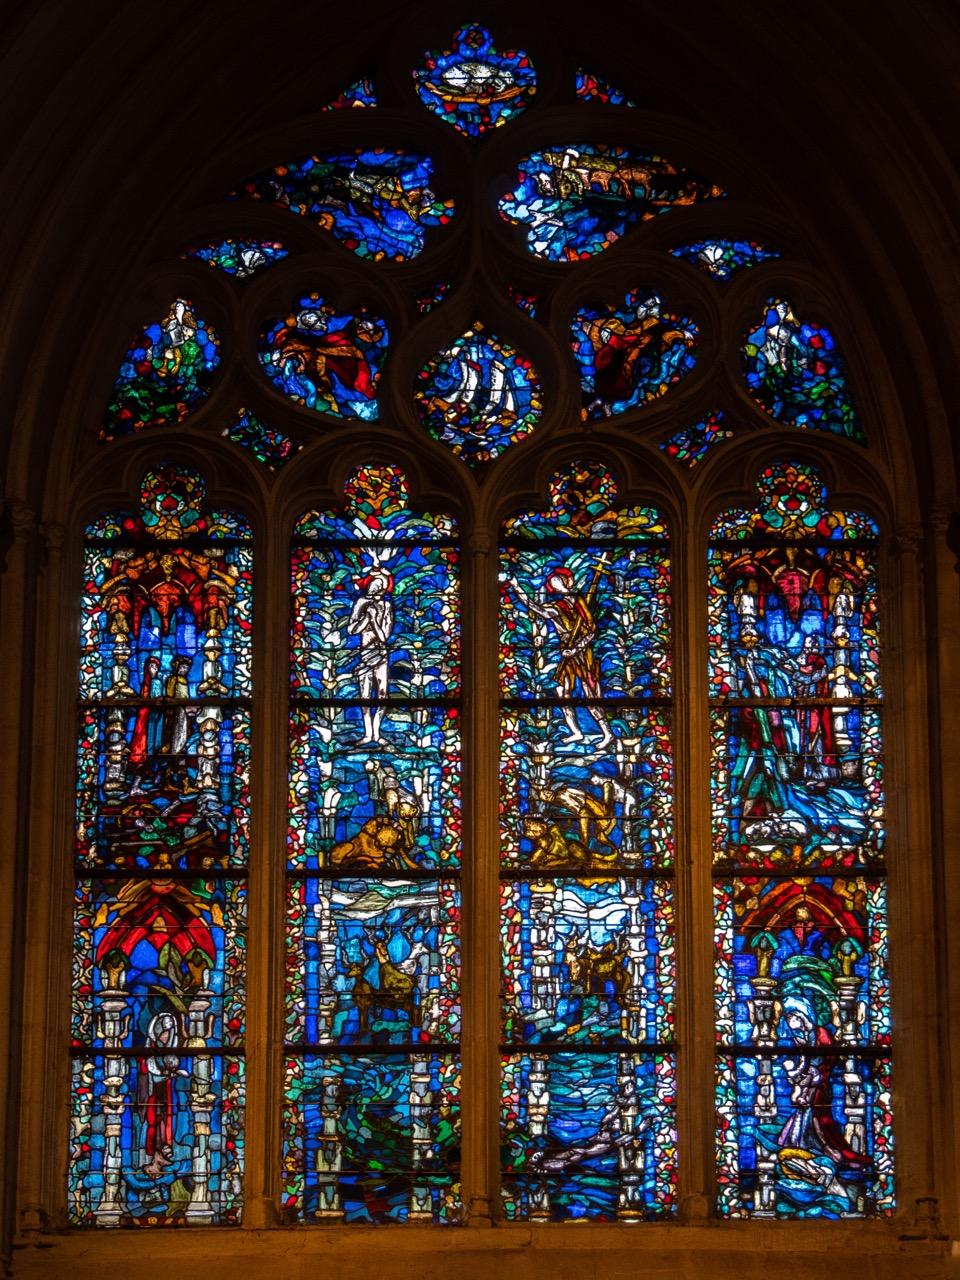 Taufkapelle, Buntglasfenster mit verschiedenen Wasser-Themen (Jean-Jacques Grüber, 1980)